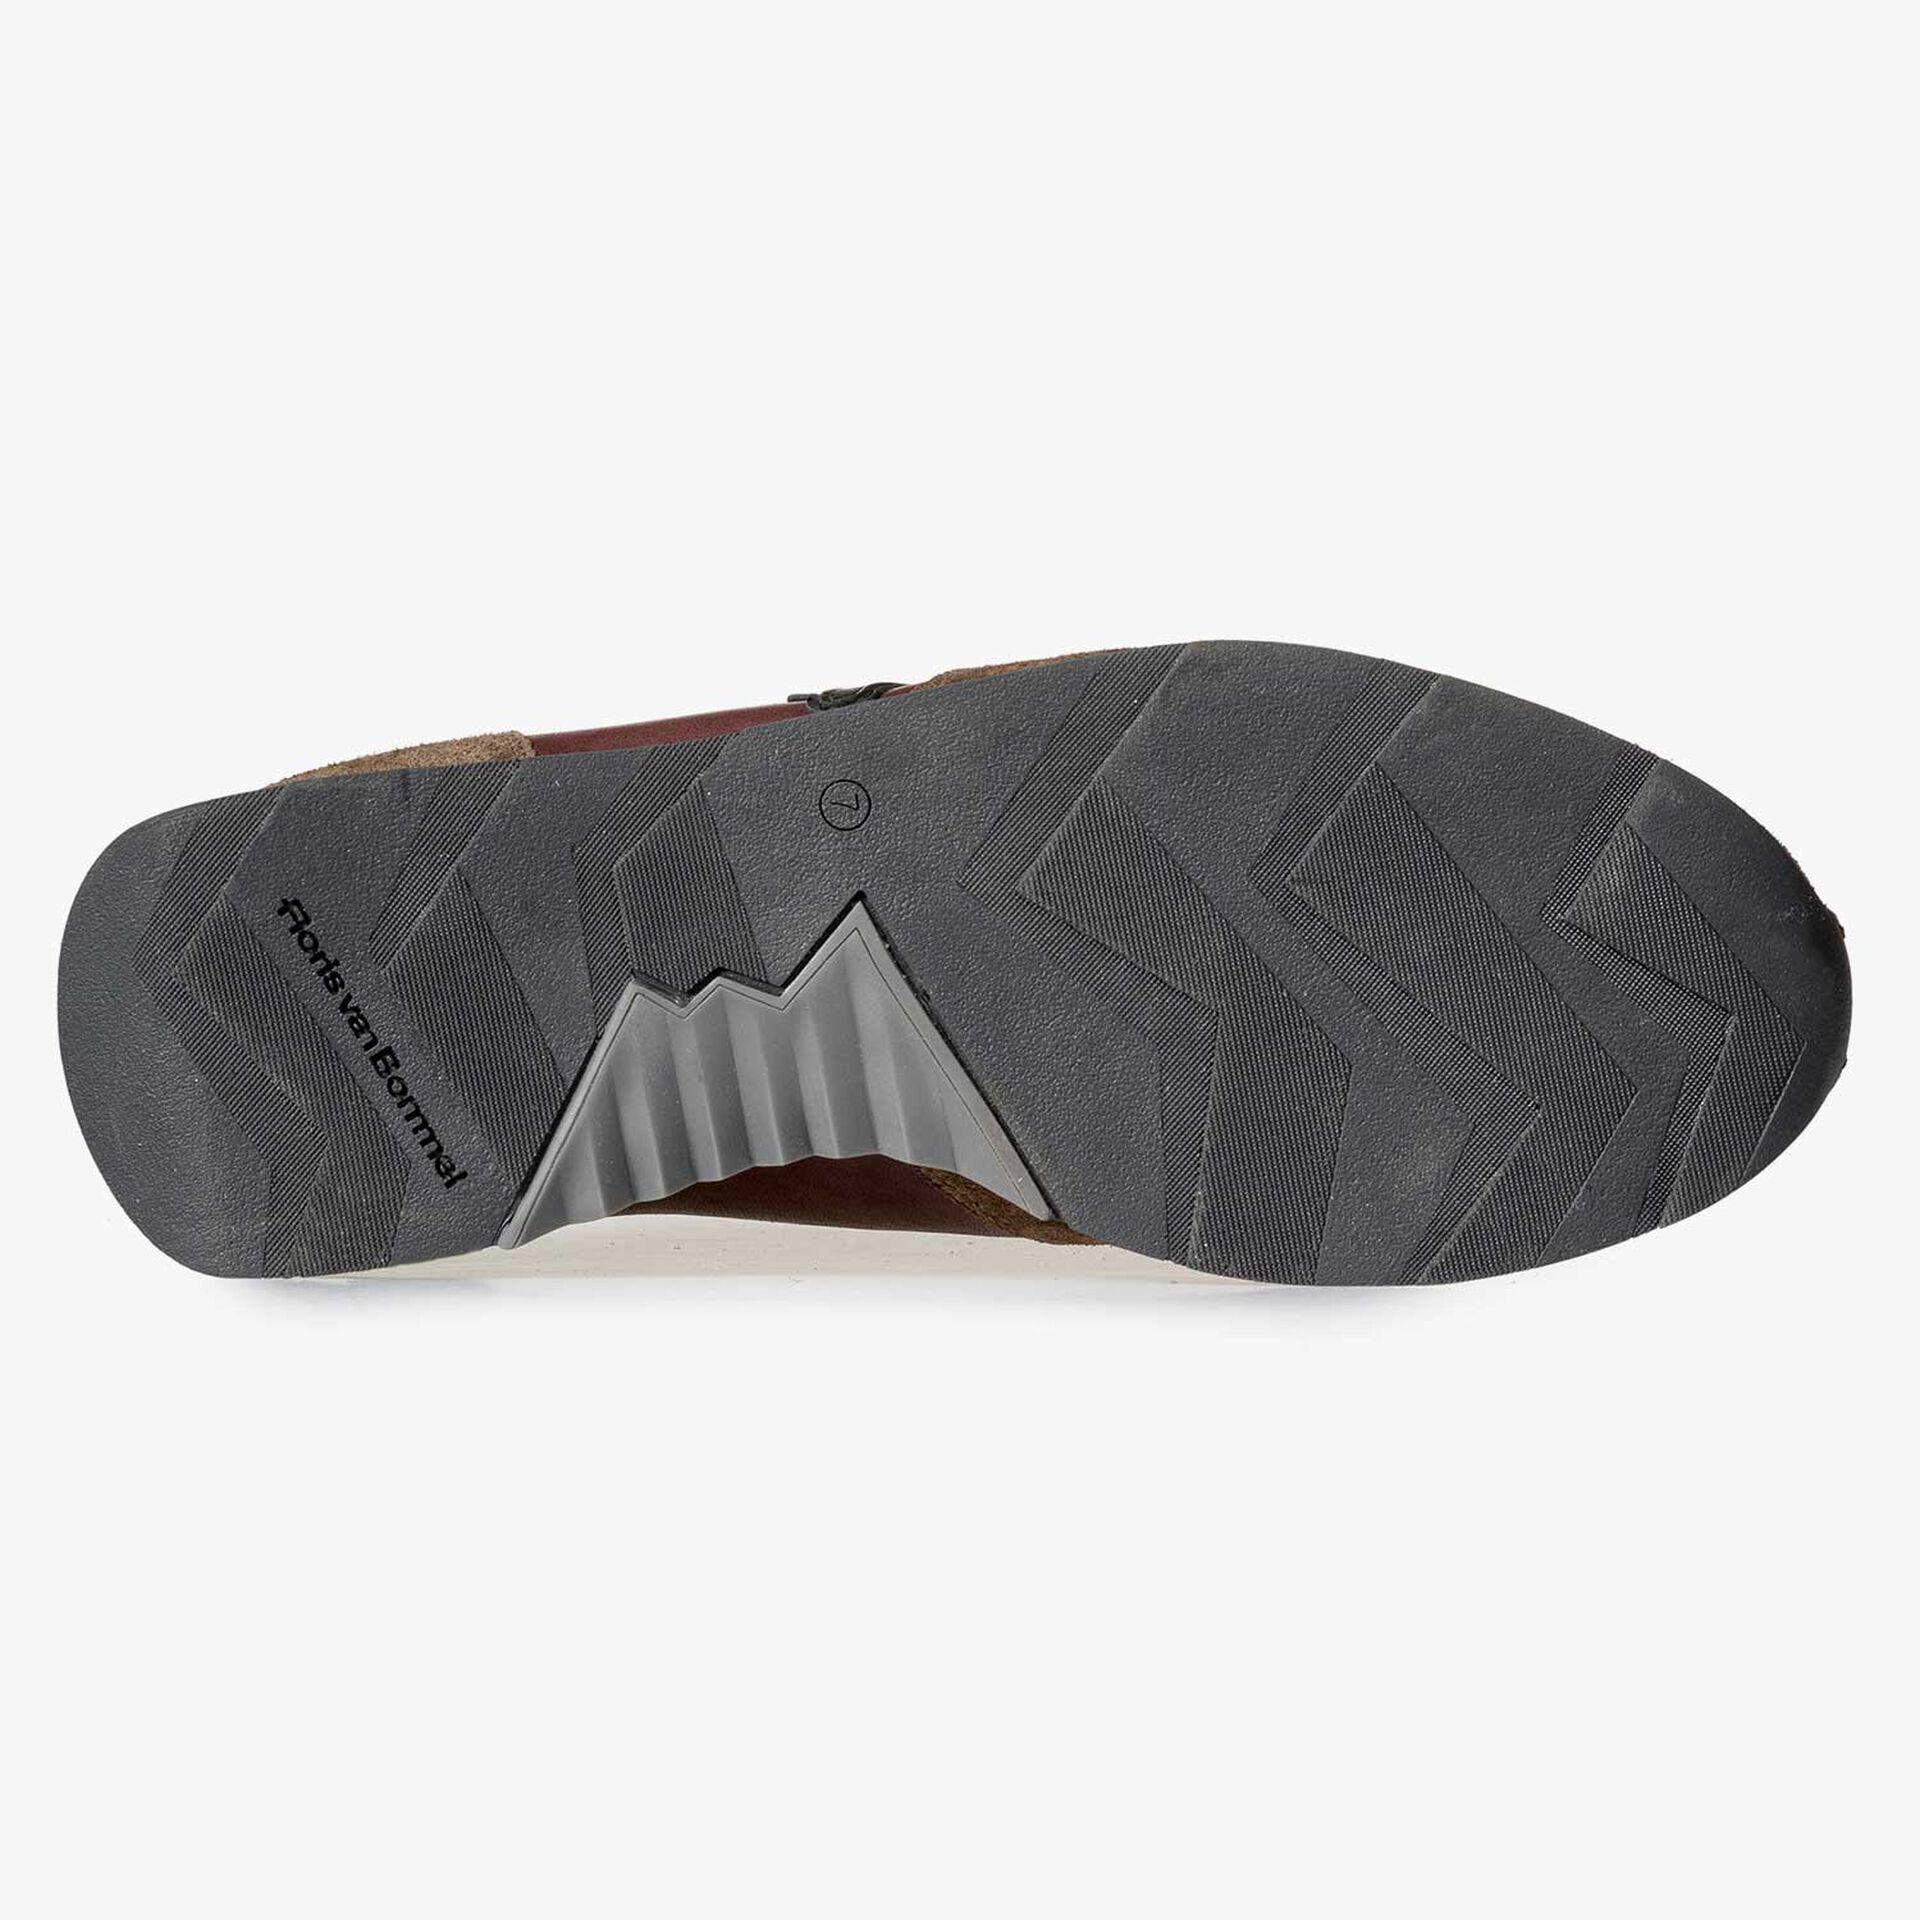 Brauner Leder Sneaker mit umrahmtem F-Logo